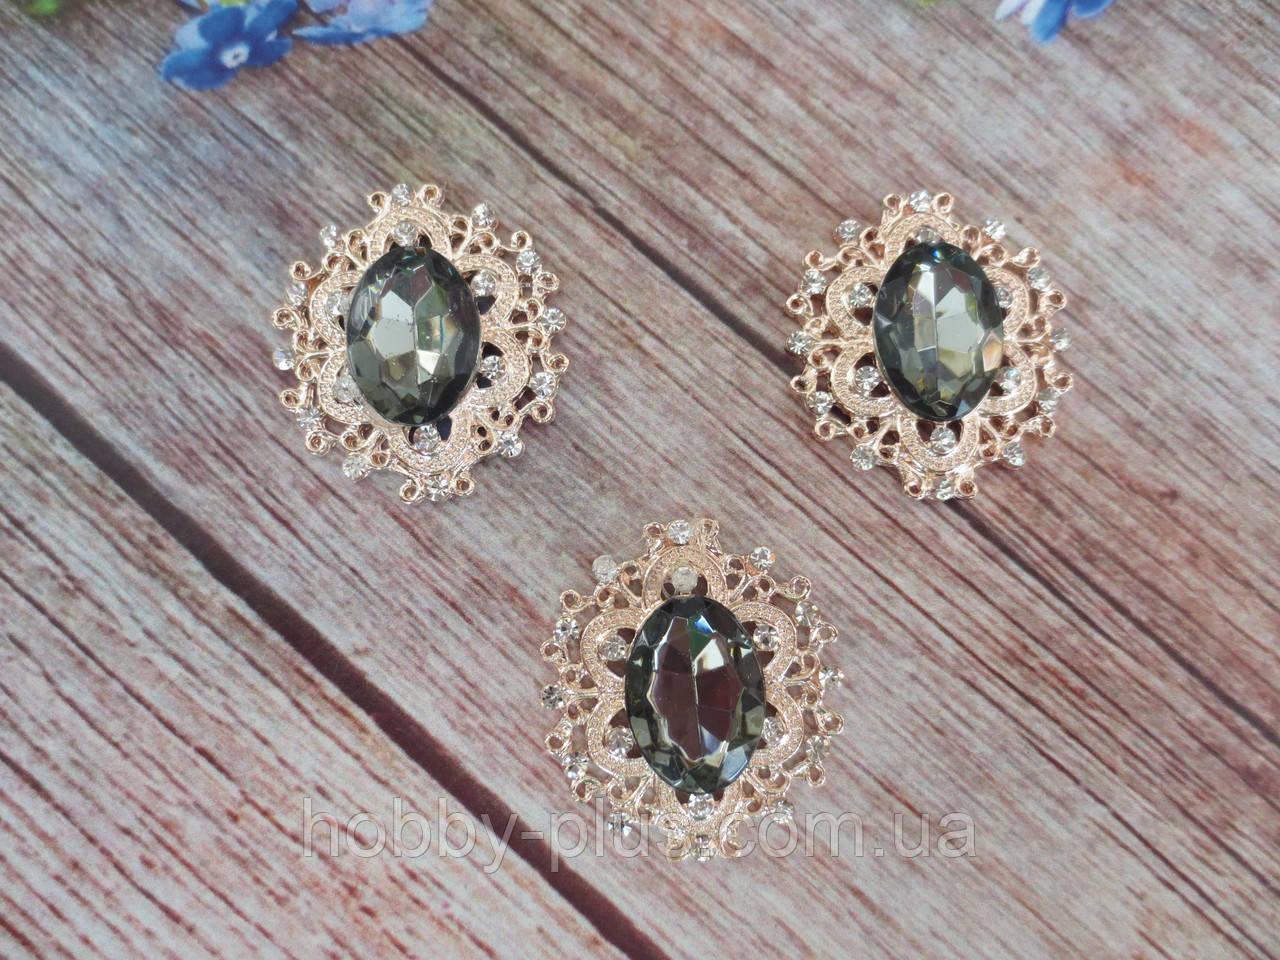 Металлический клеевой декор, 30х32 мм, цвет оправы светлое золото, цвет камня графит, 1 шт